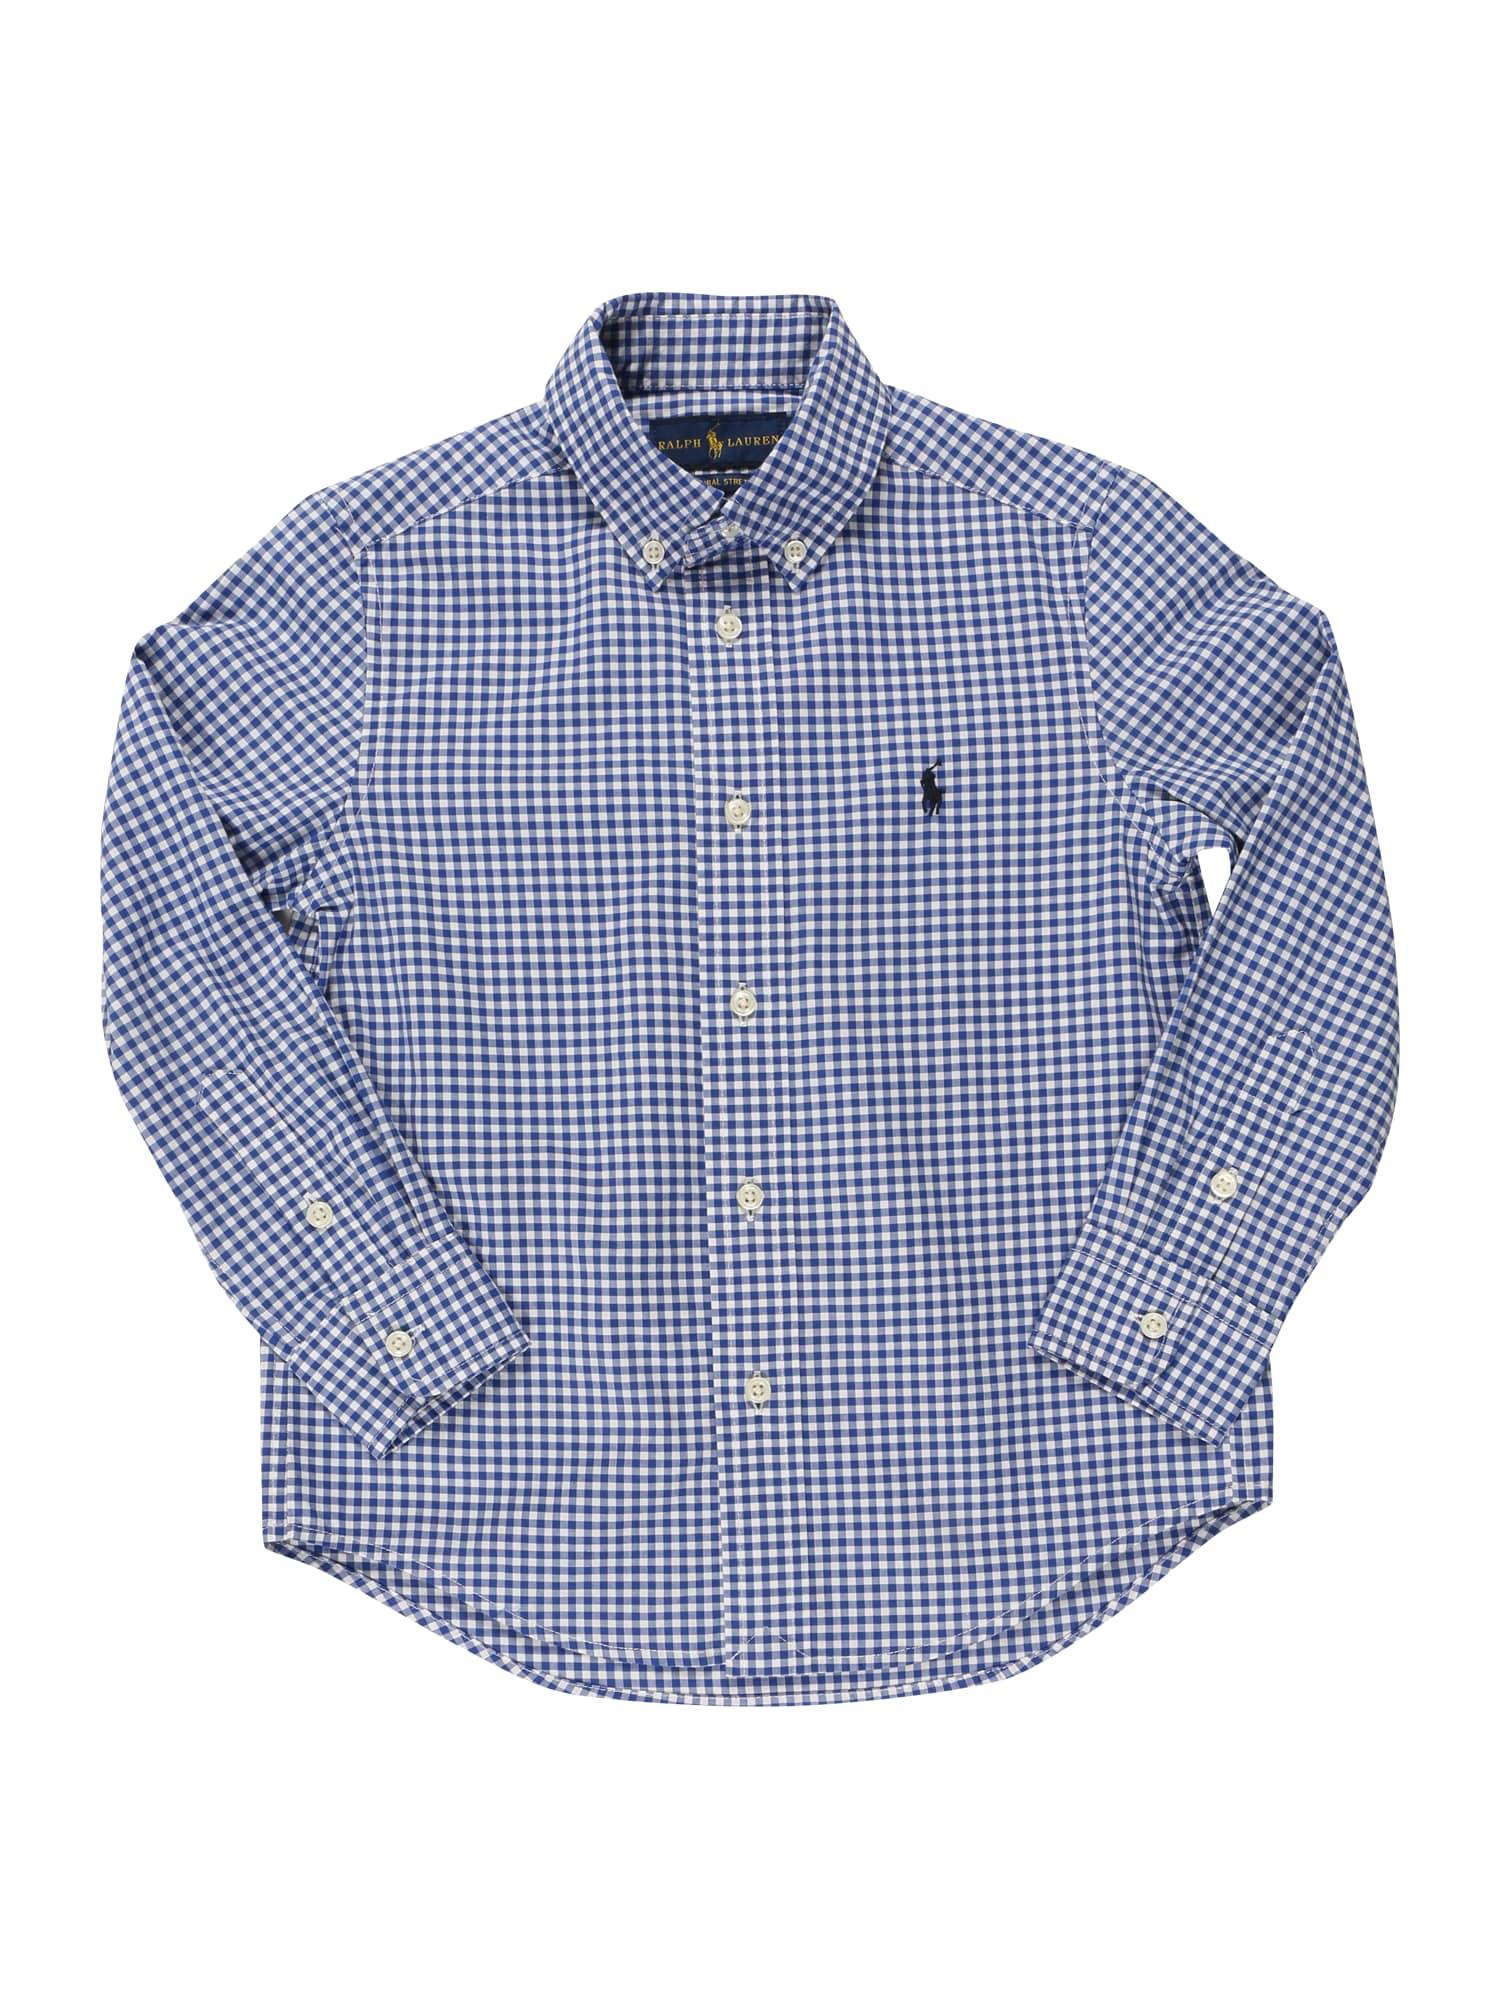 POLO RALPH LAUREN Marškiniai mėlyna / balta